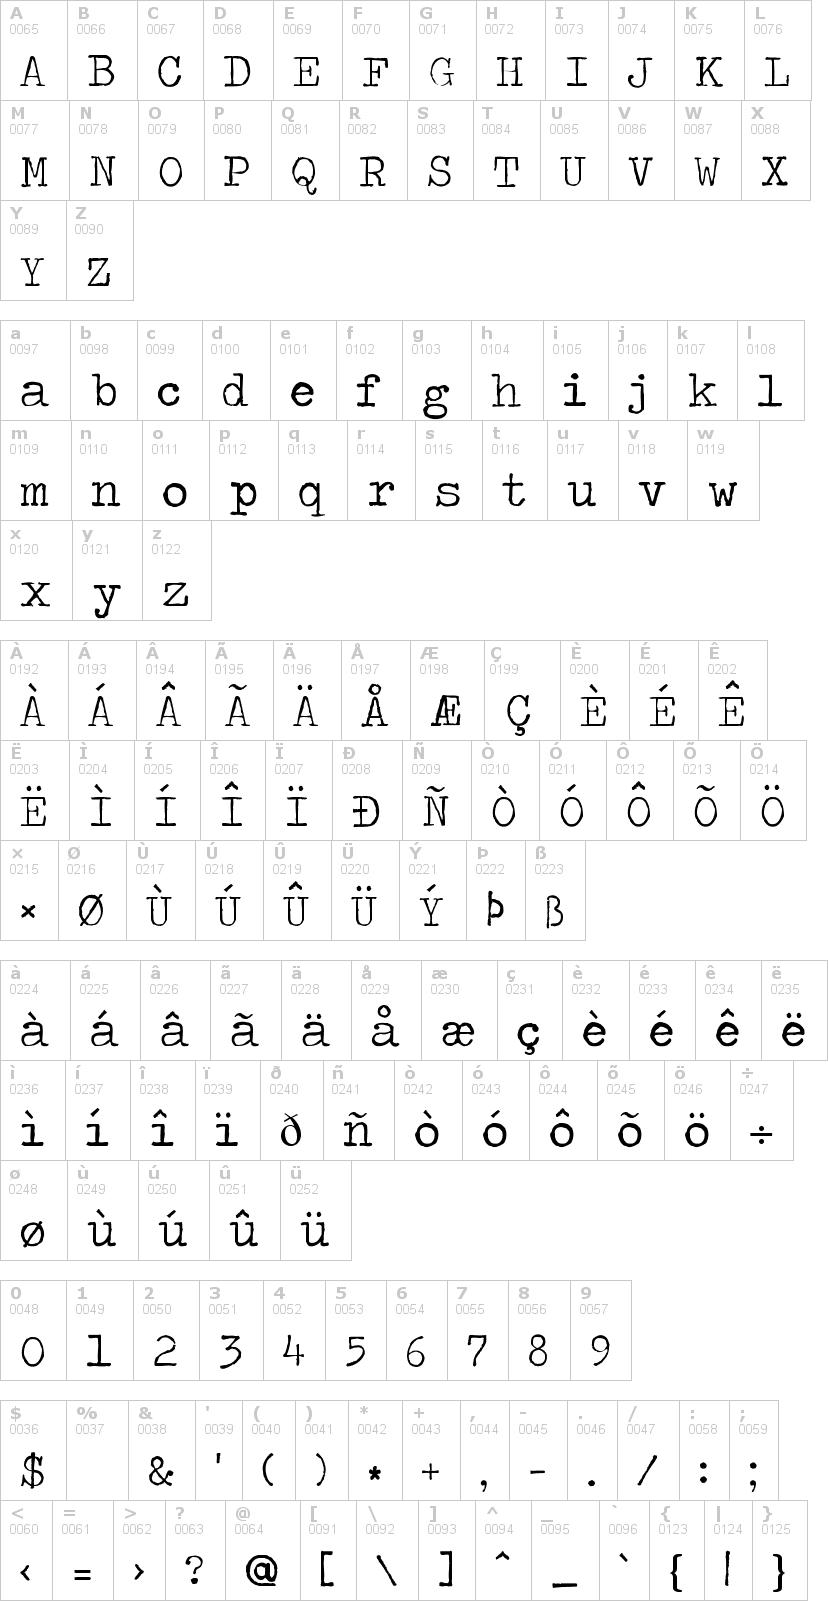 Lettere dell'alfabeto del font traveling-typewrite con le quali è possibile realizzare adesivi prespaziati